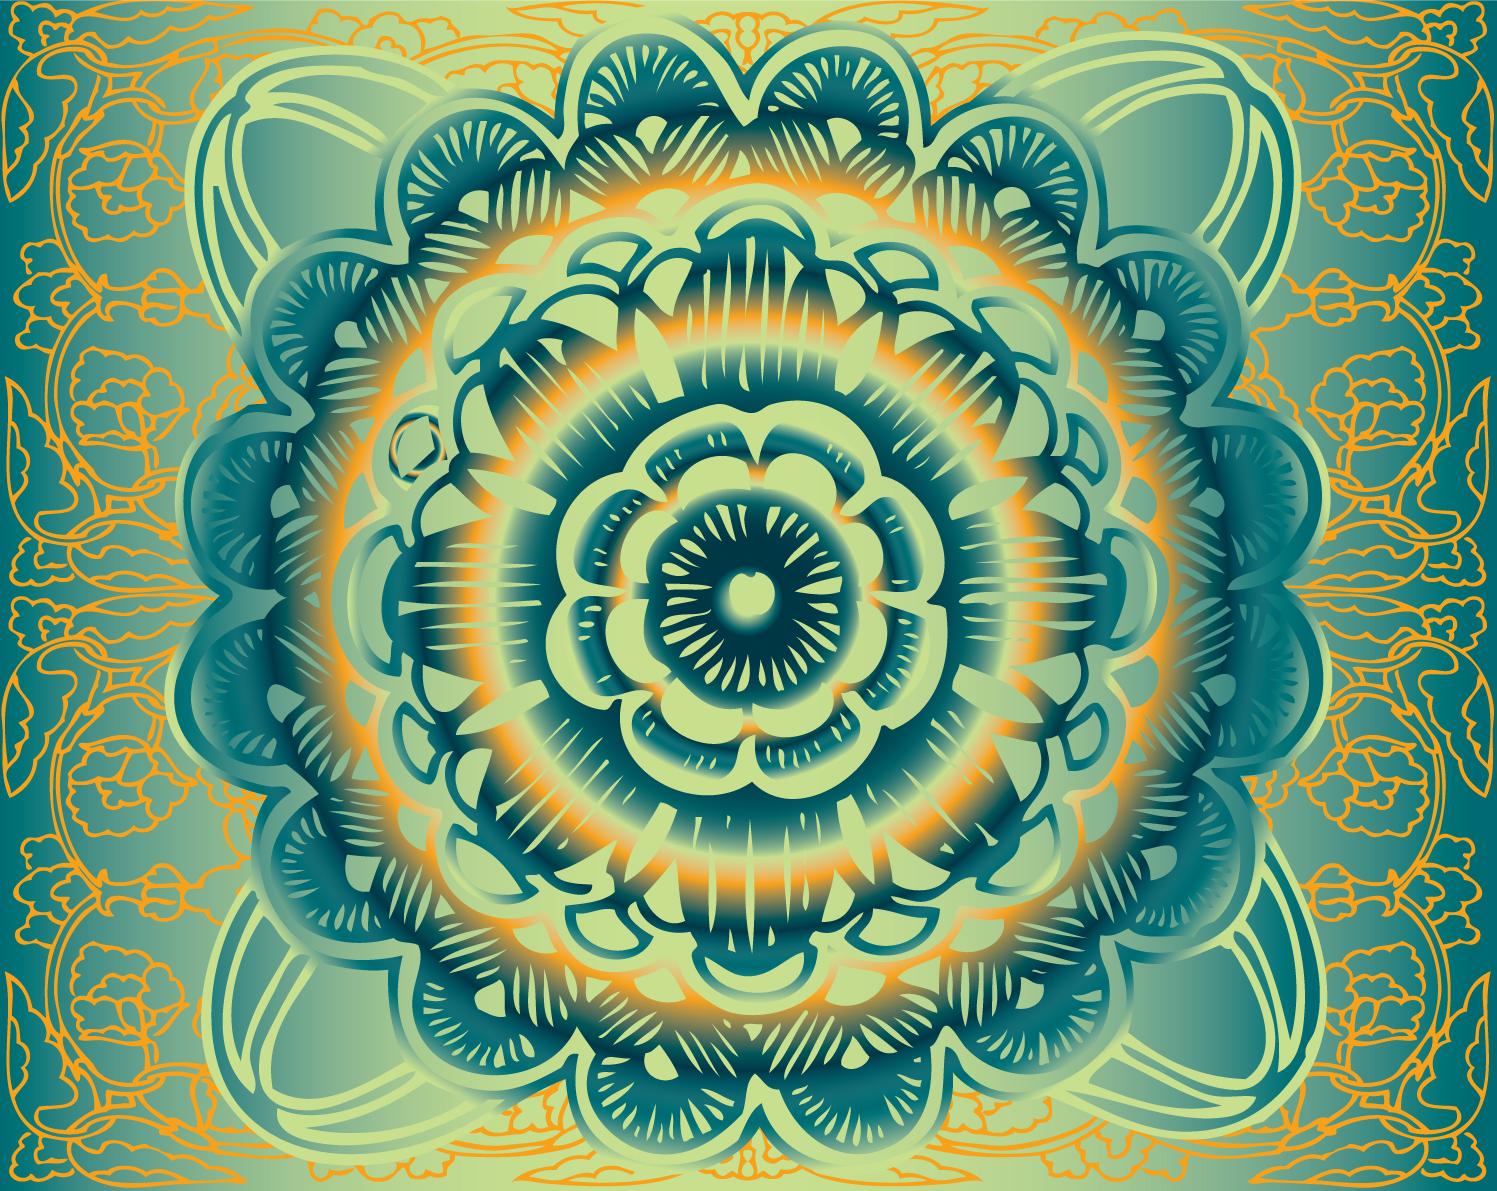 P2-3-Spiritual Mentoring.jpg